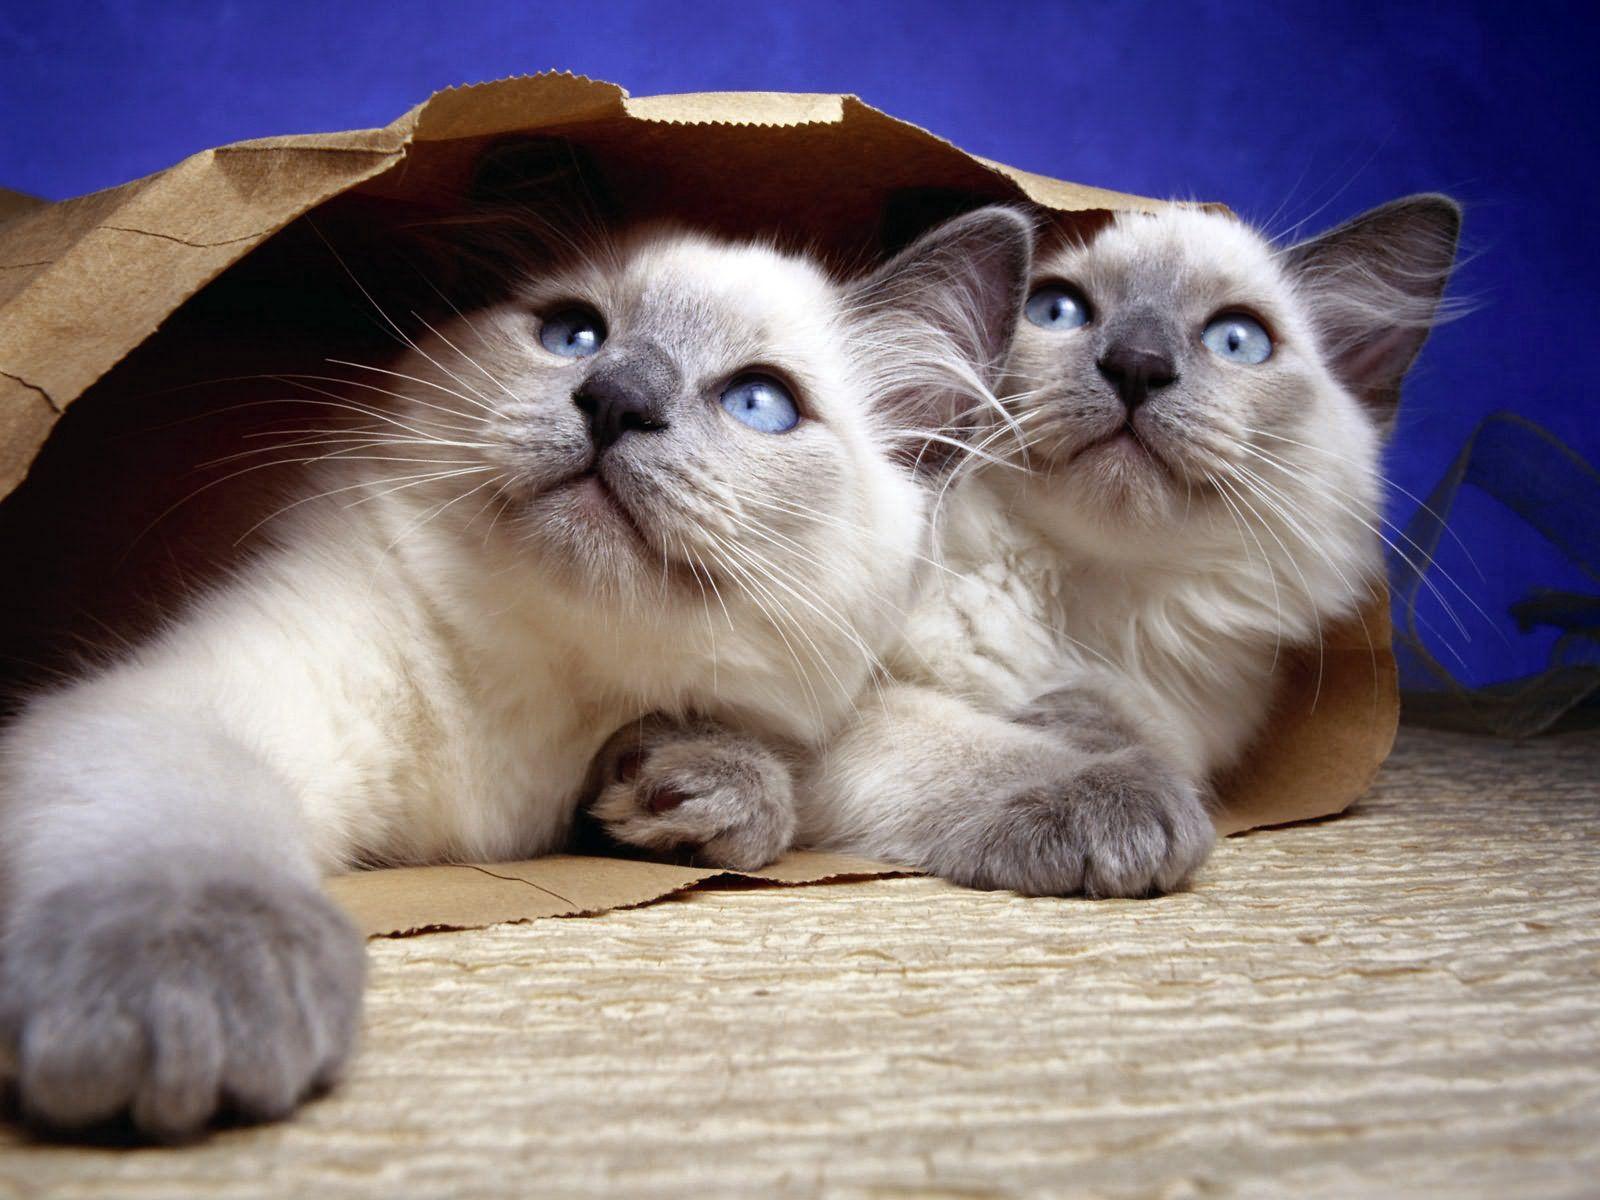 54379 скачать обои Животные, Коты, Пара, Пакет, Бумага - заставки и картинки бесплатно